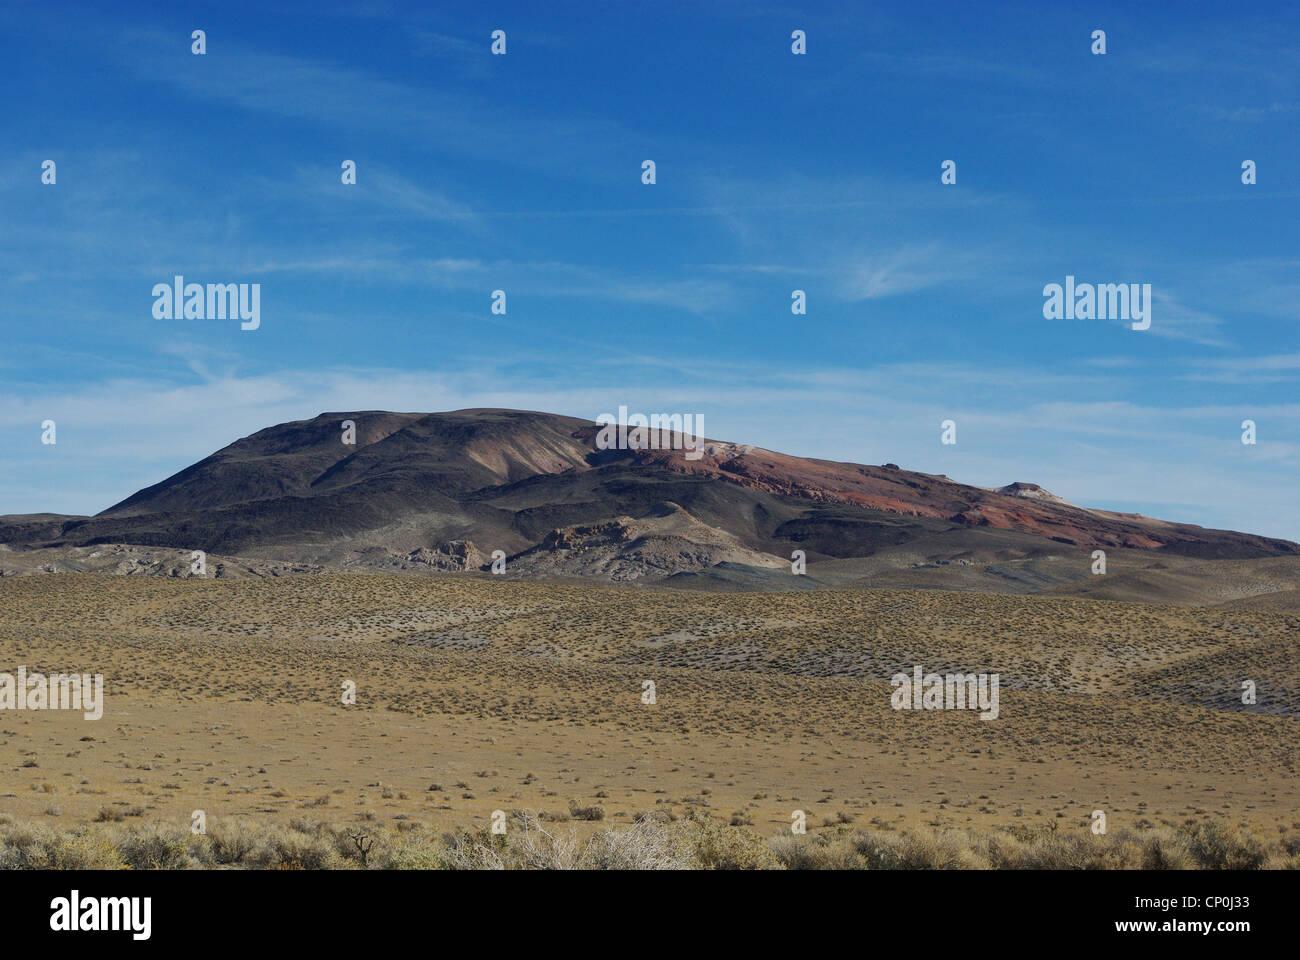 Desert hills near Basalt, Nevada - Stock Image